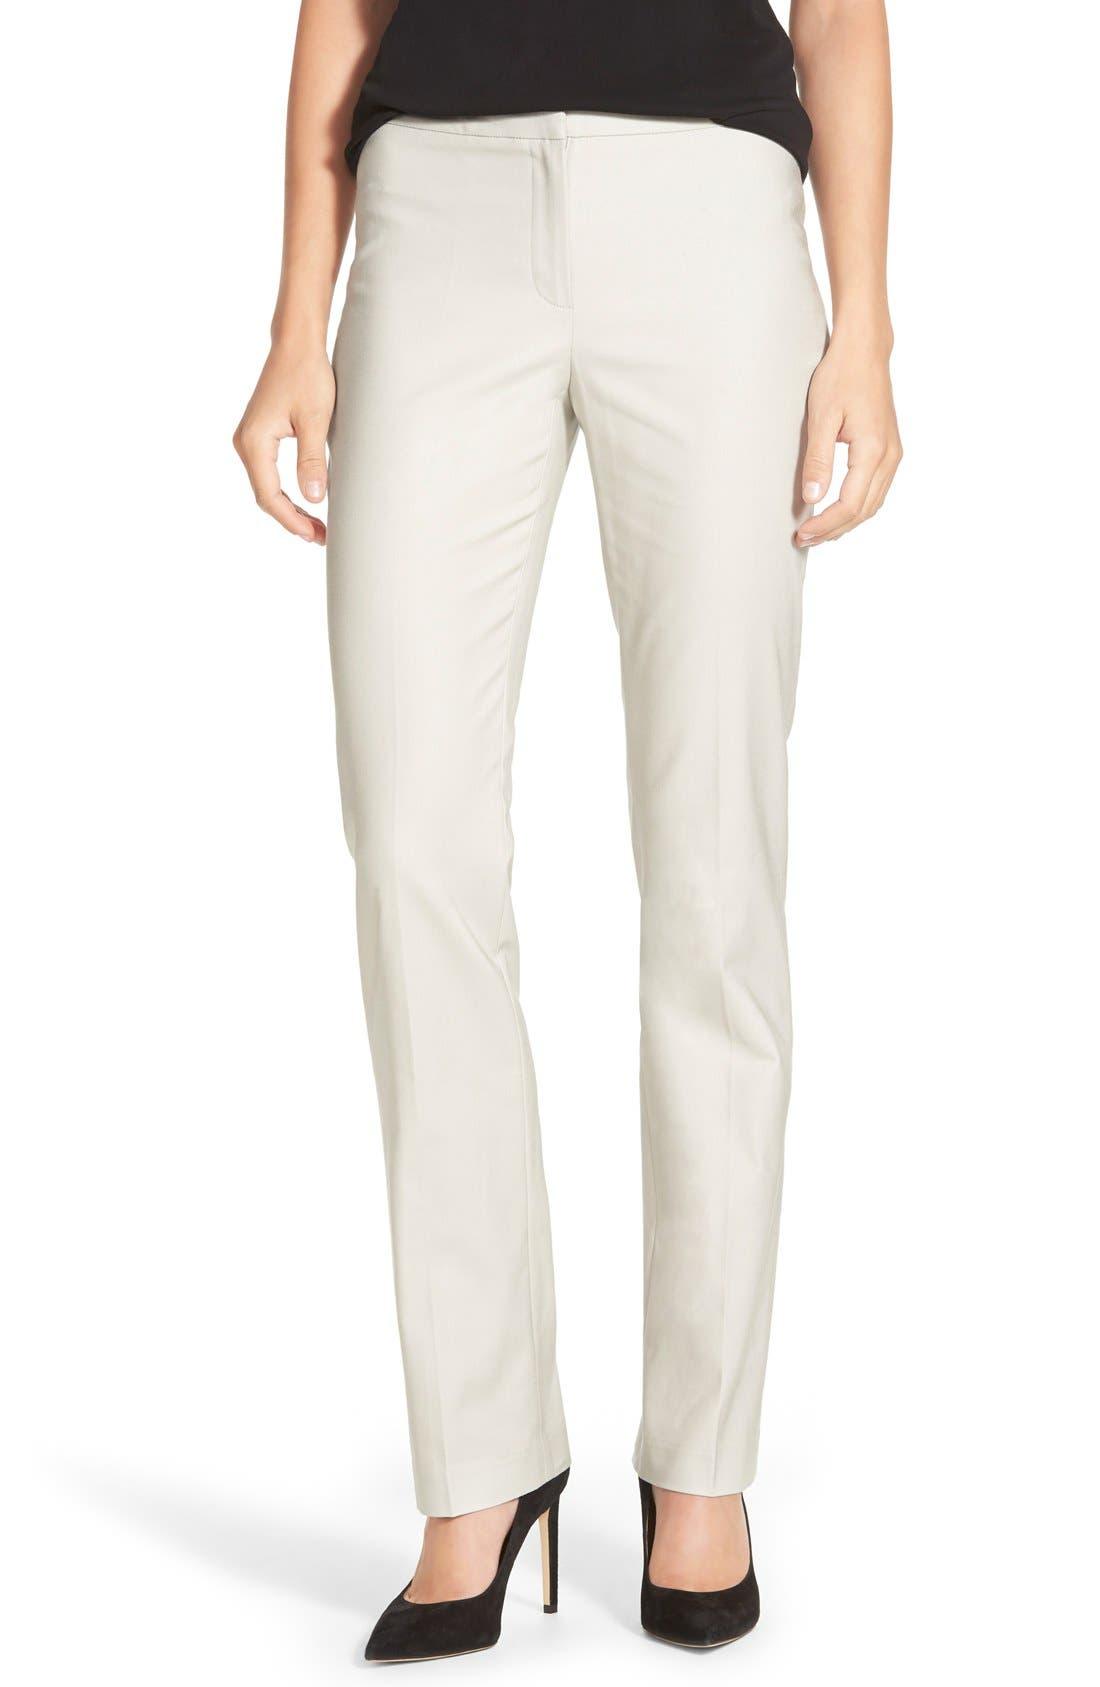 Alternate Image 1 Selected - NIC+ZOE Perfect Pants (Regular & Petite)